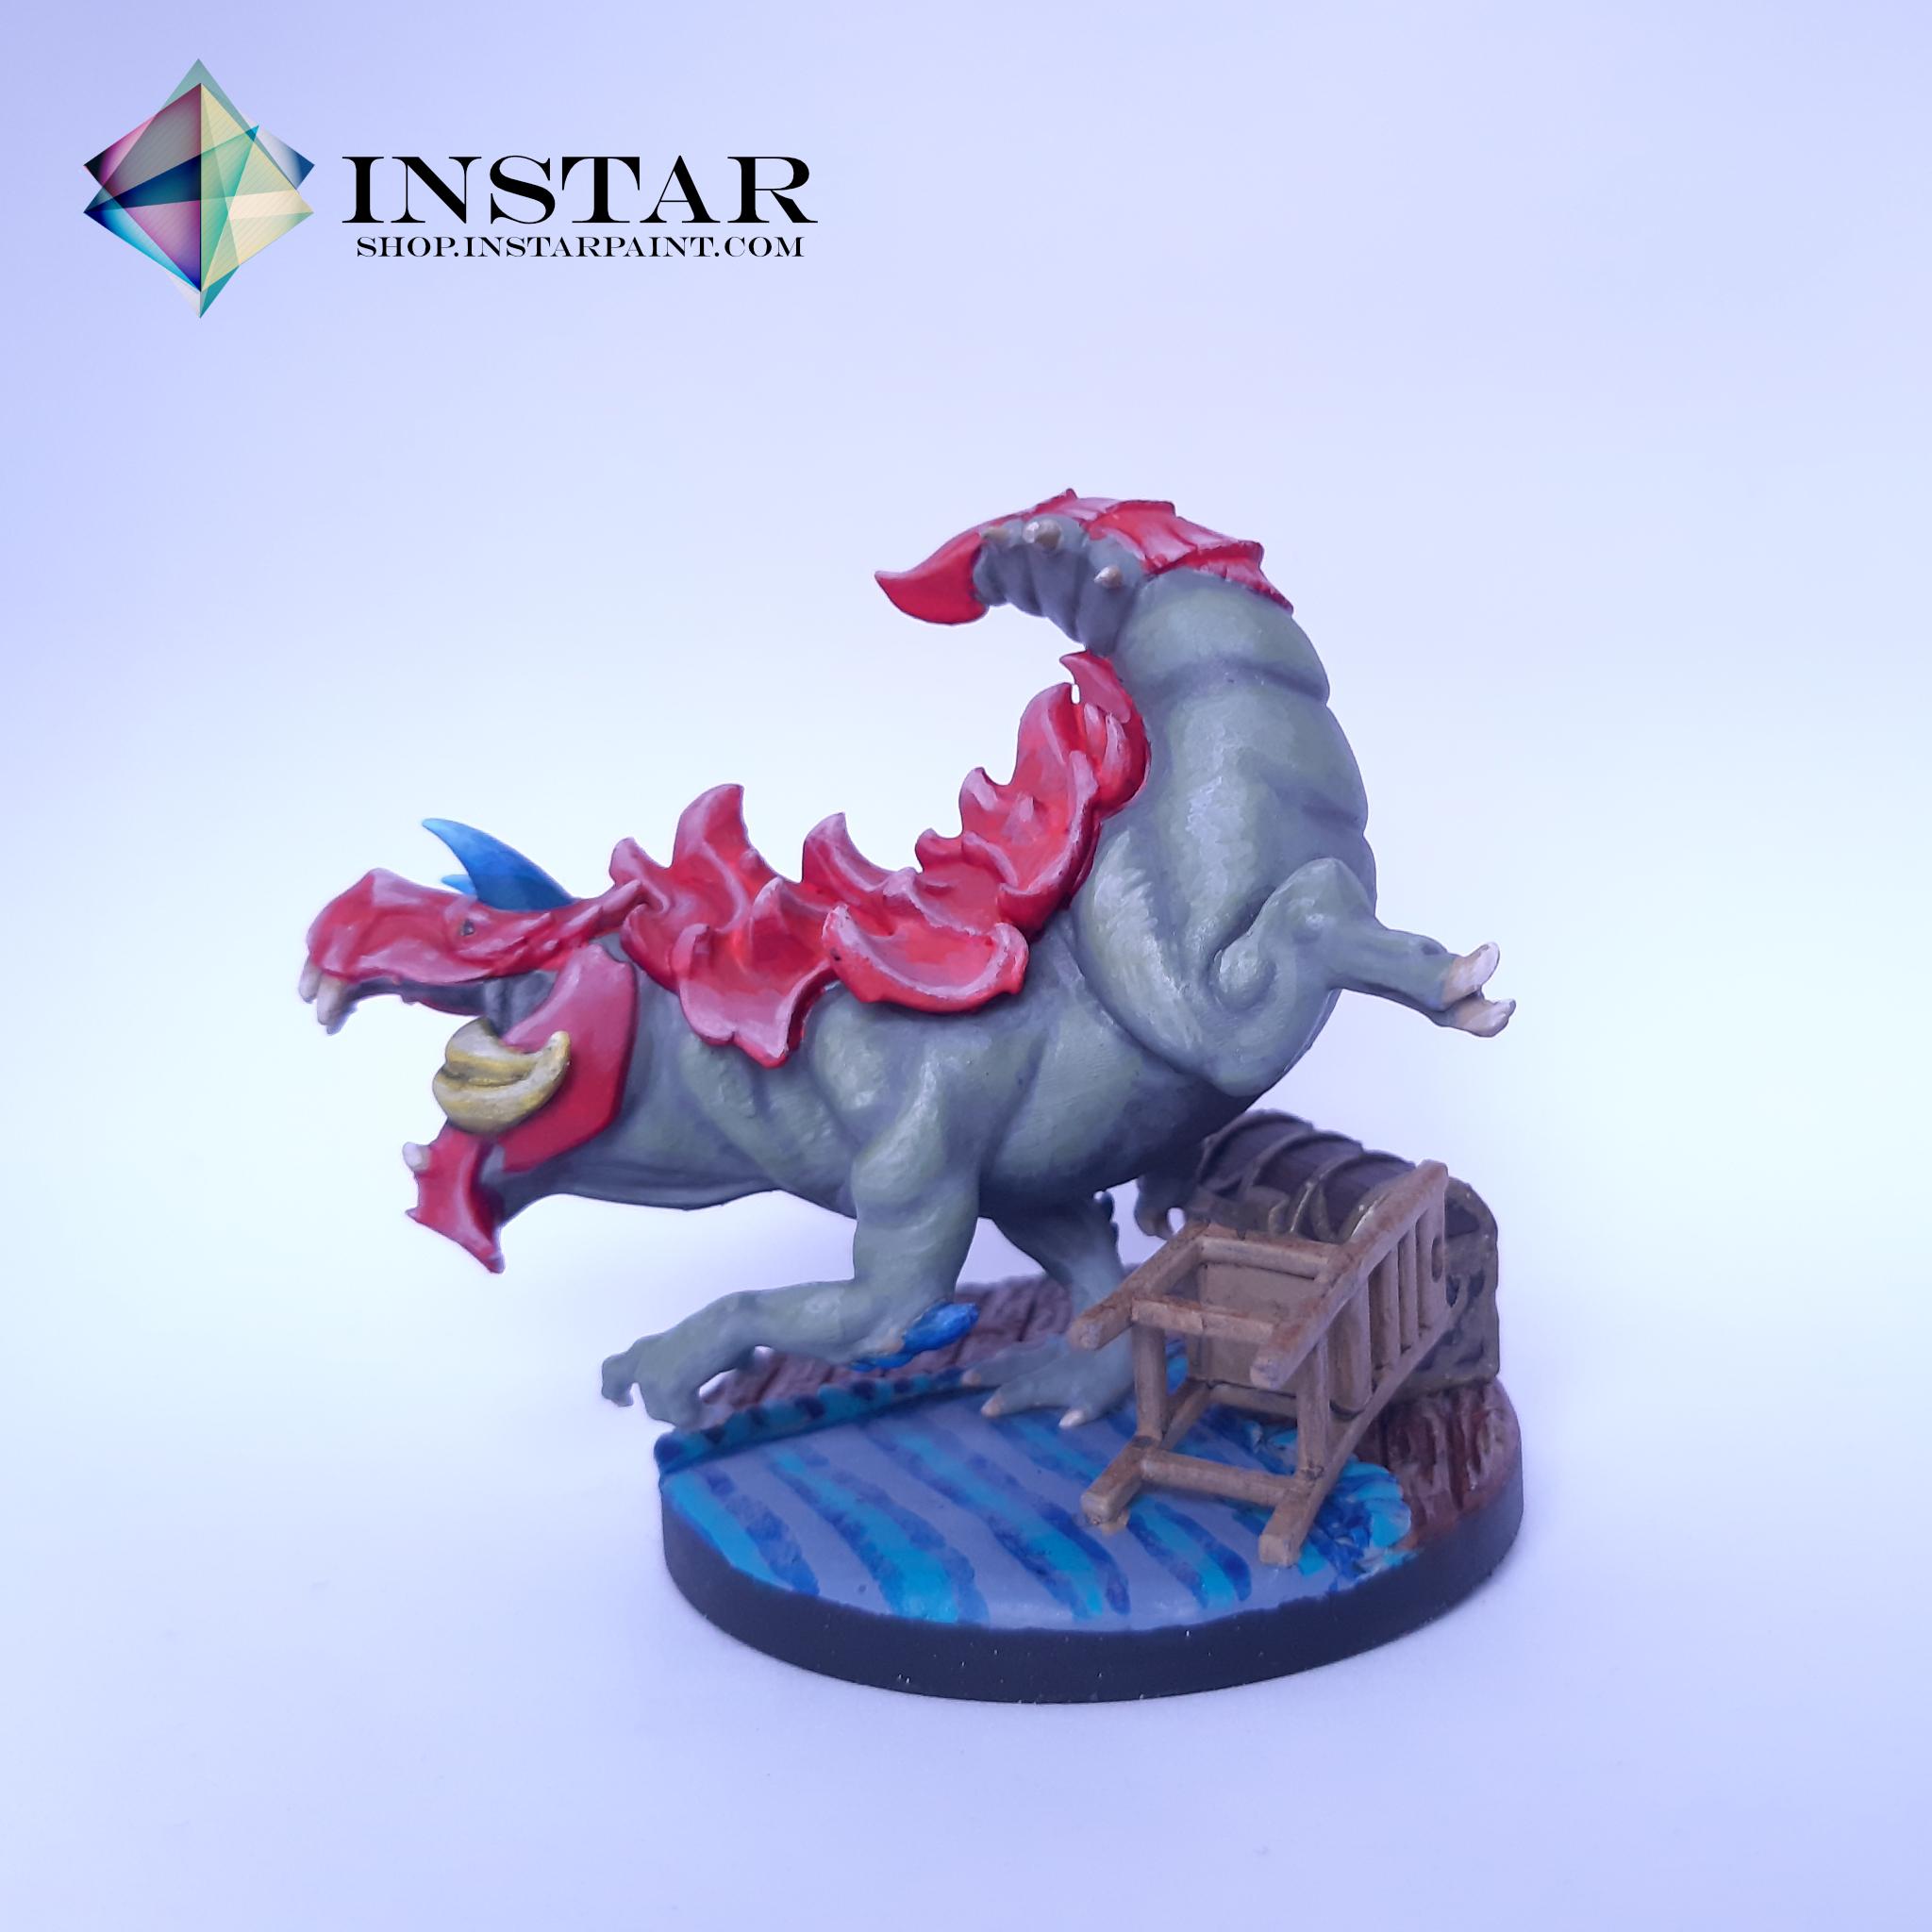 Tarrasaur